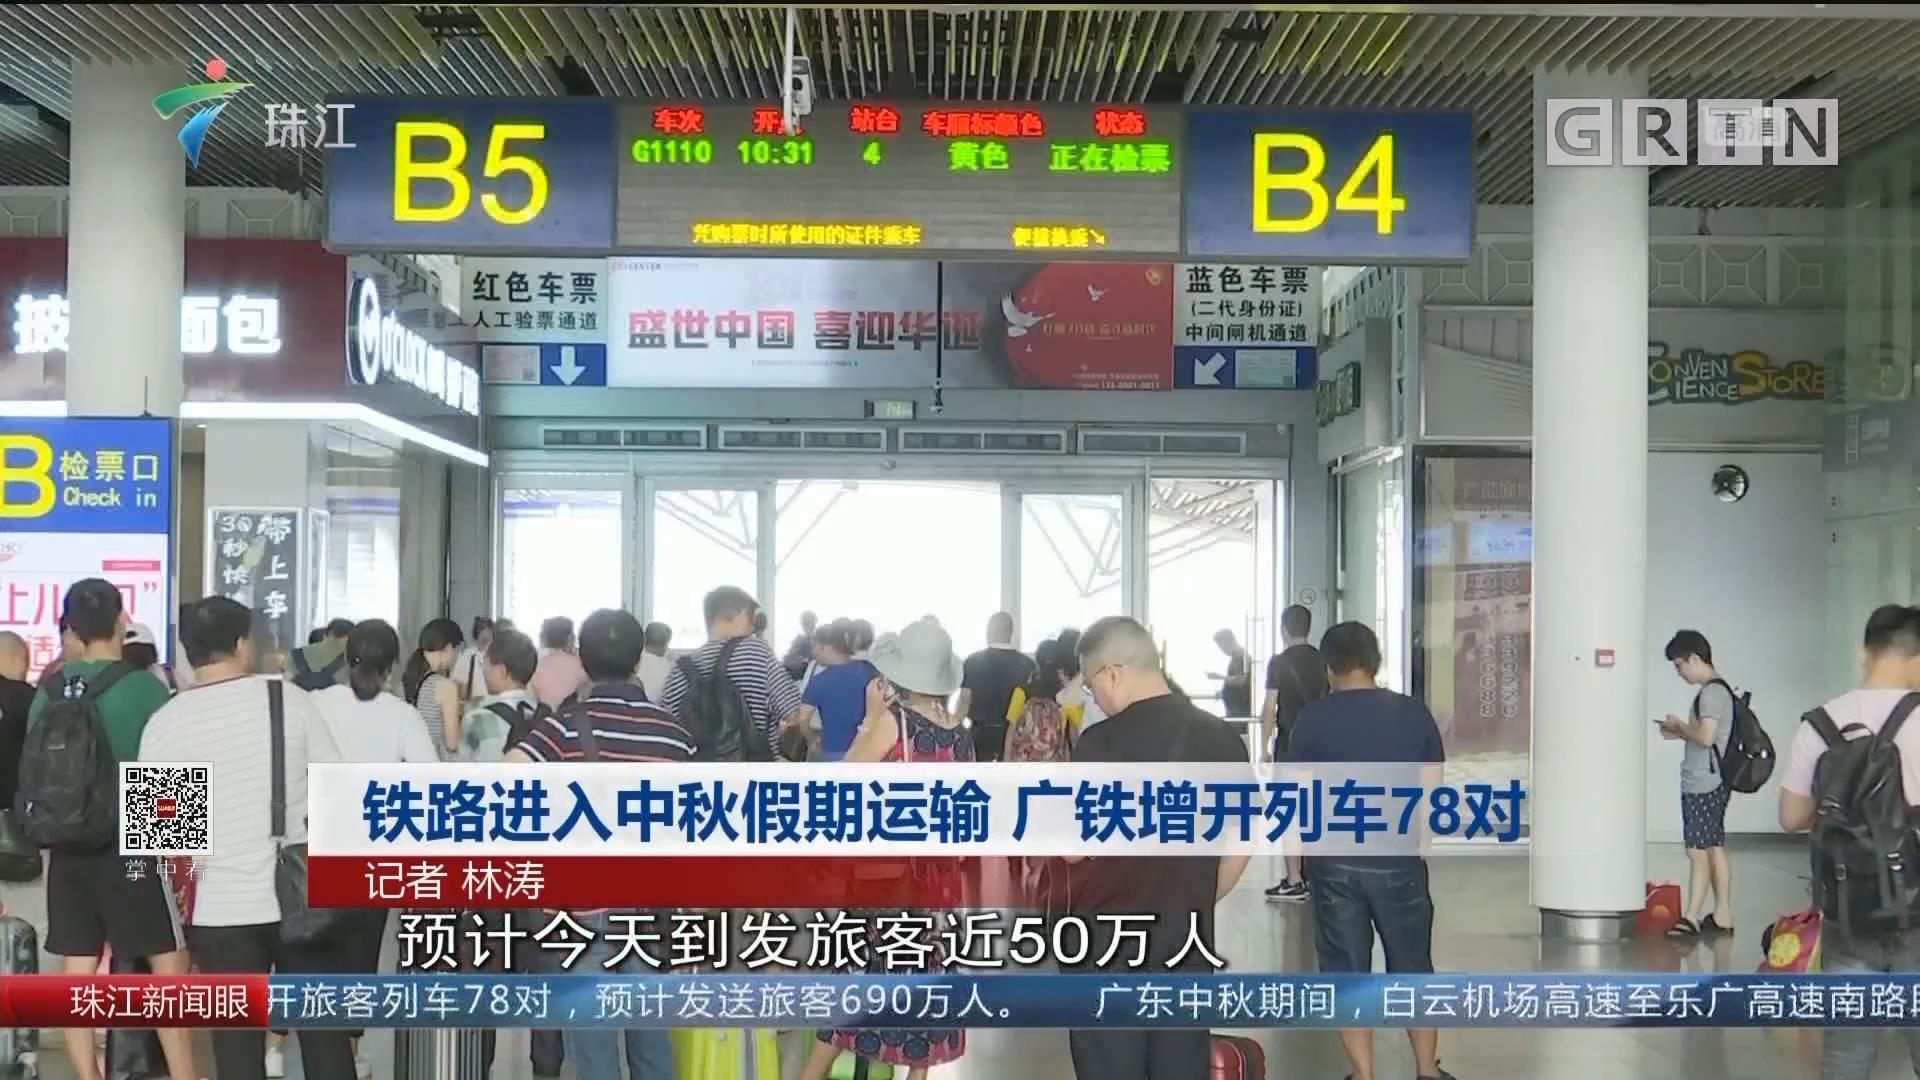 铁路进入中秋假期运输  广铁增开列车78对